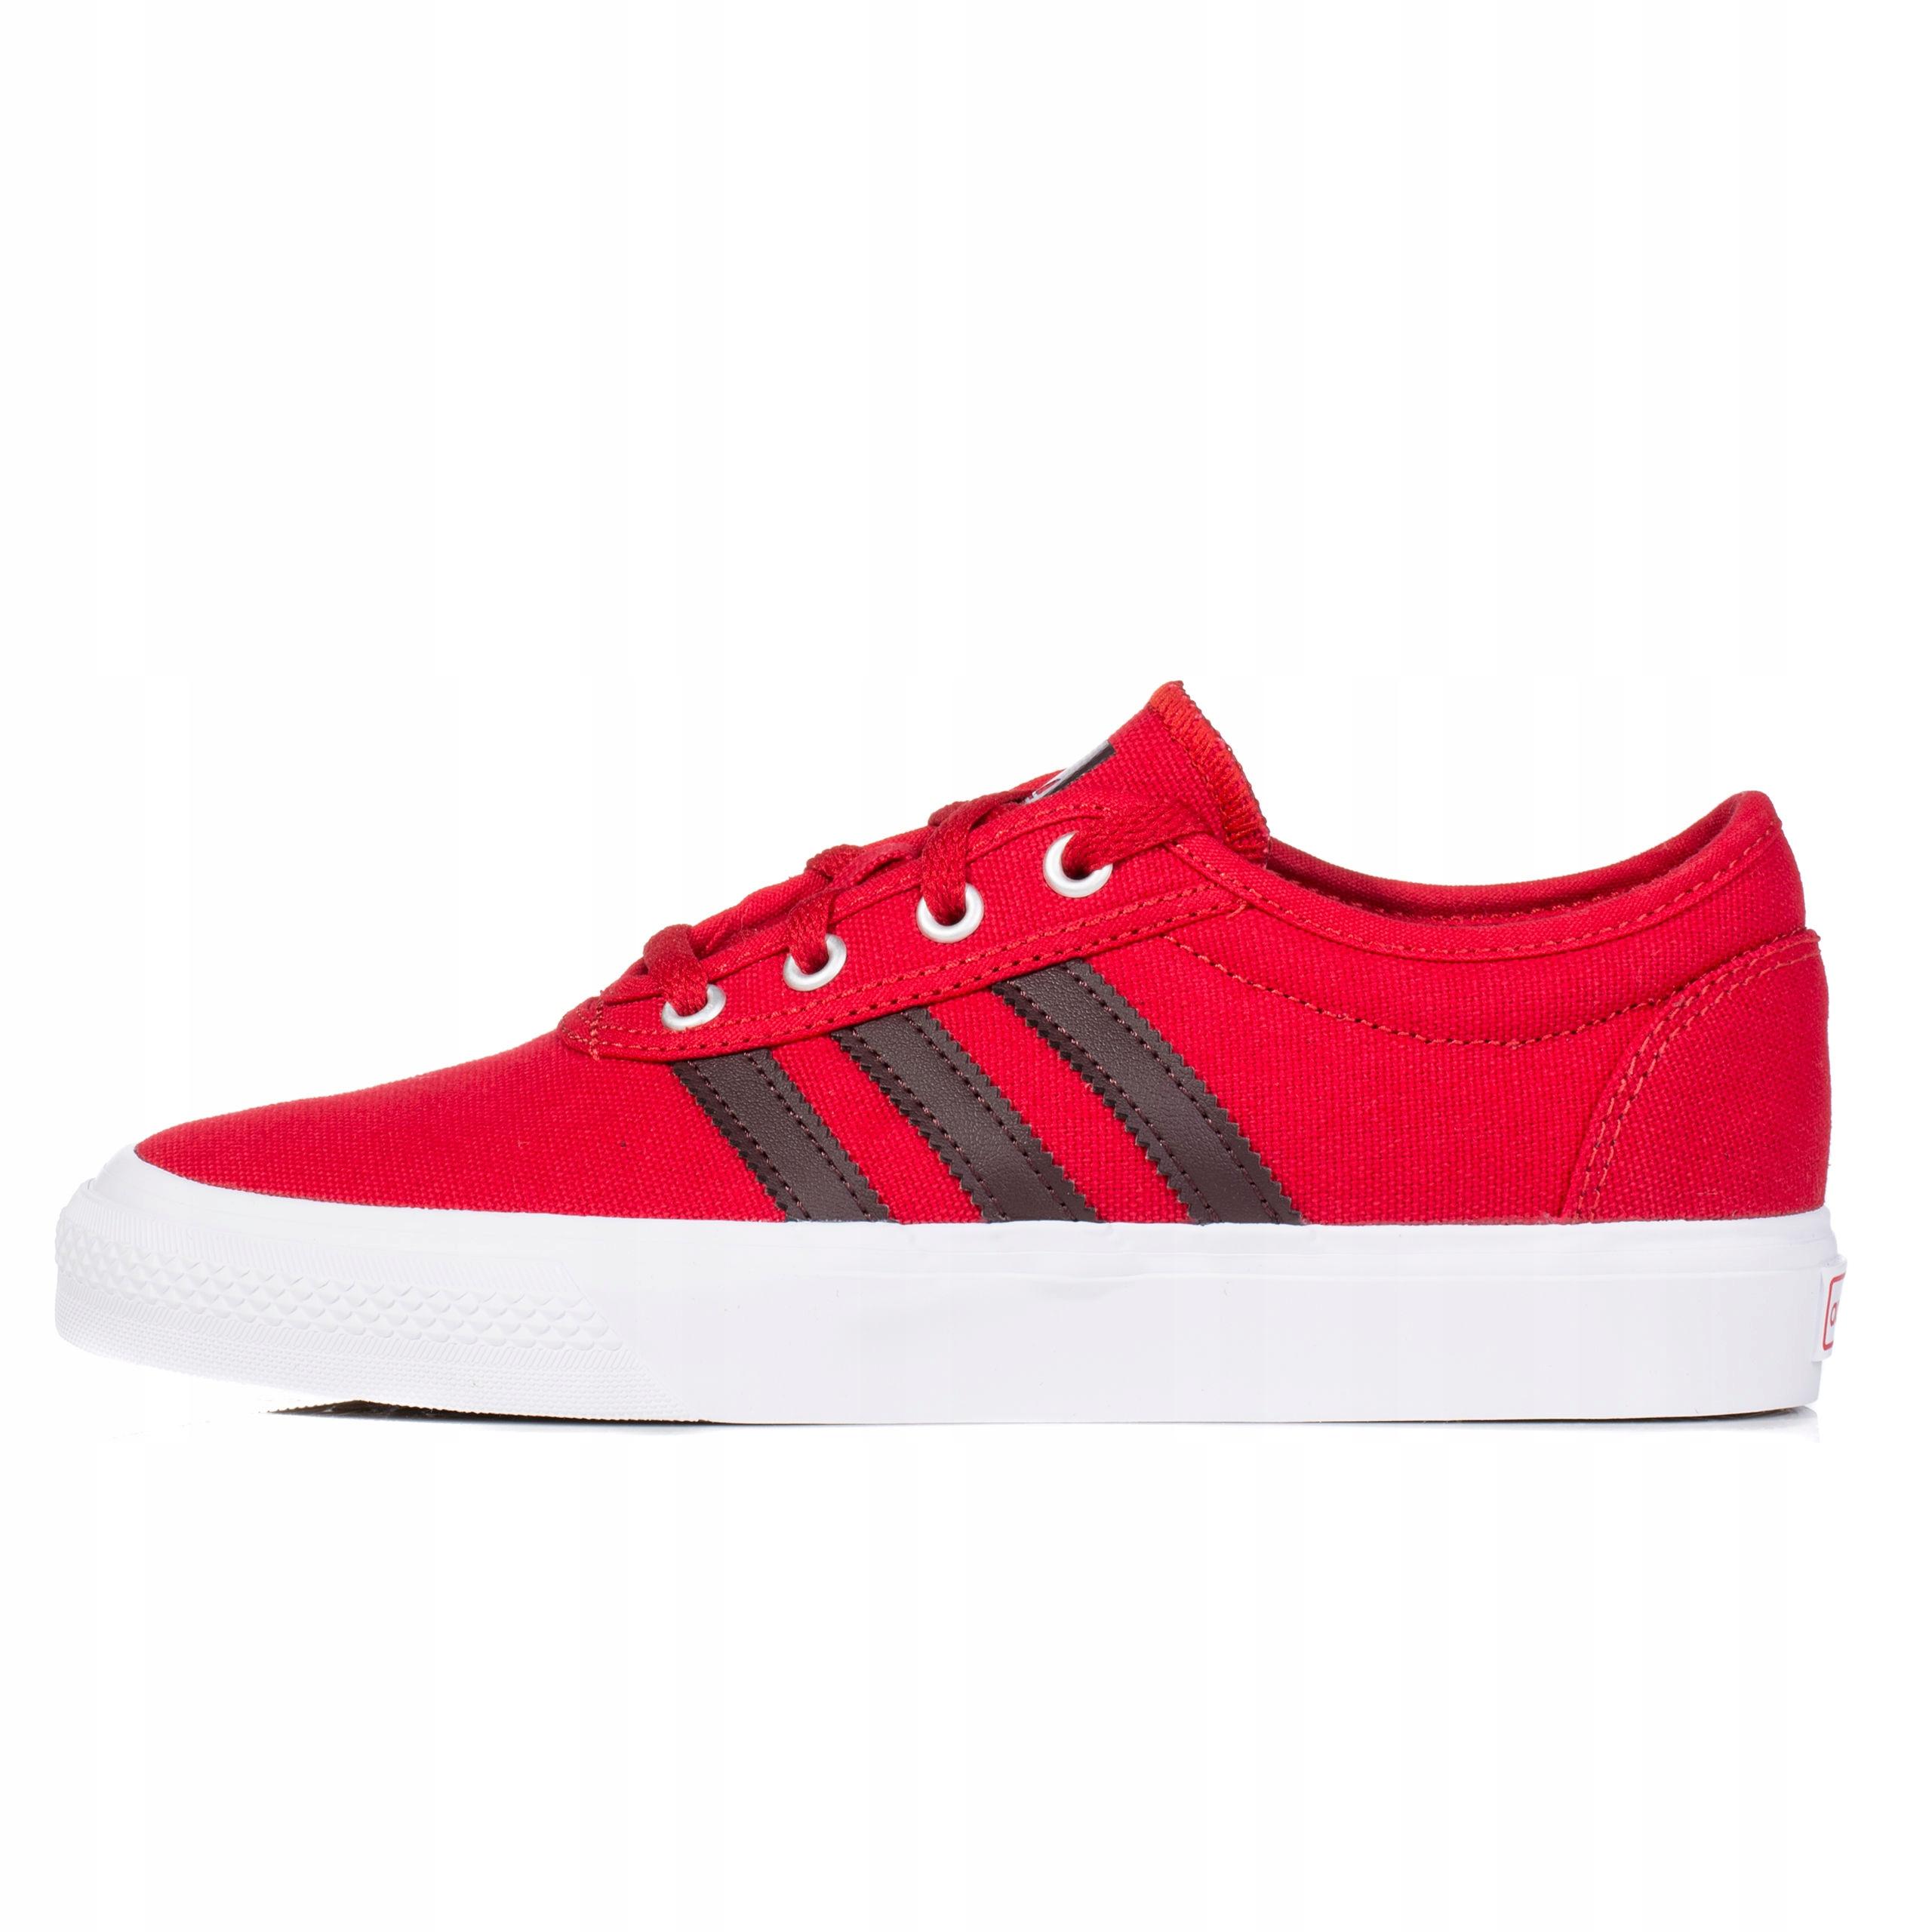 5cf51207 Buty damskie Adidas Adi-Ease J B27801 - 7502551955 - oficjalne ...